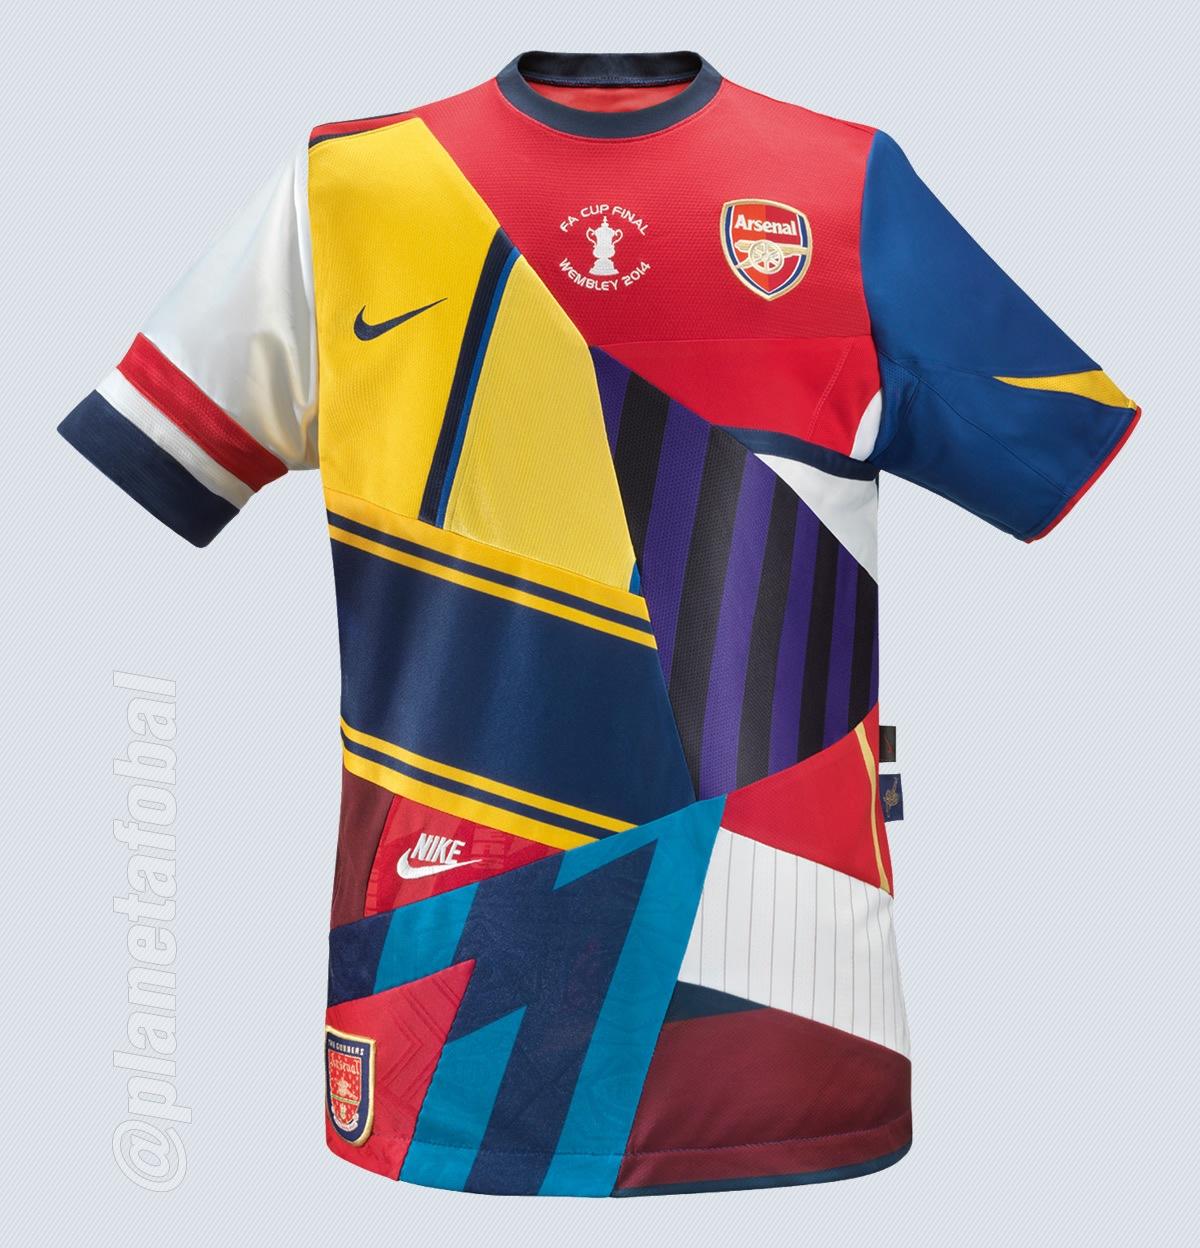 Nike se despide de Arsenal con una camiseta conmemorativa | Foto Nike